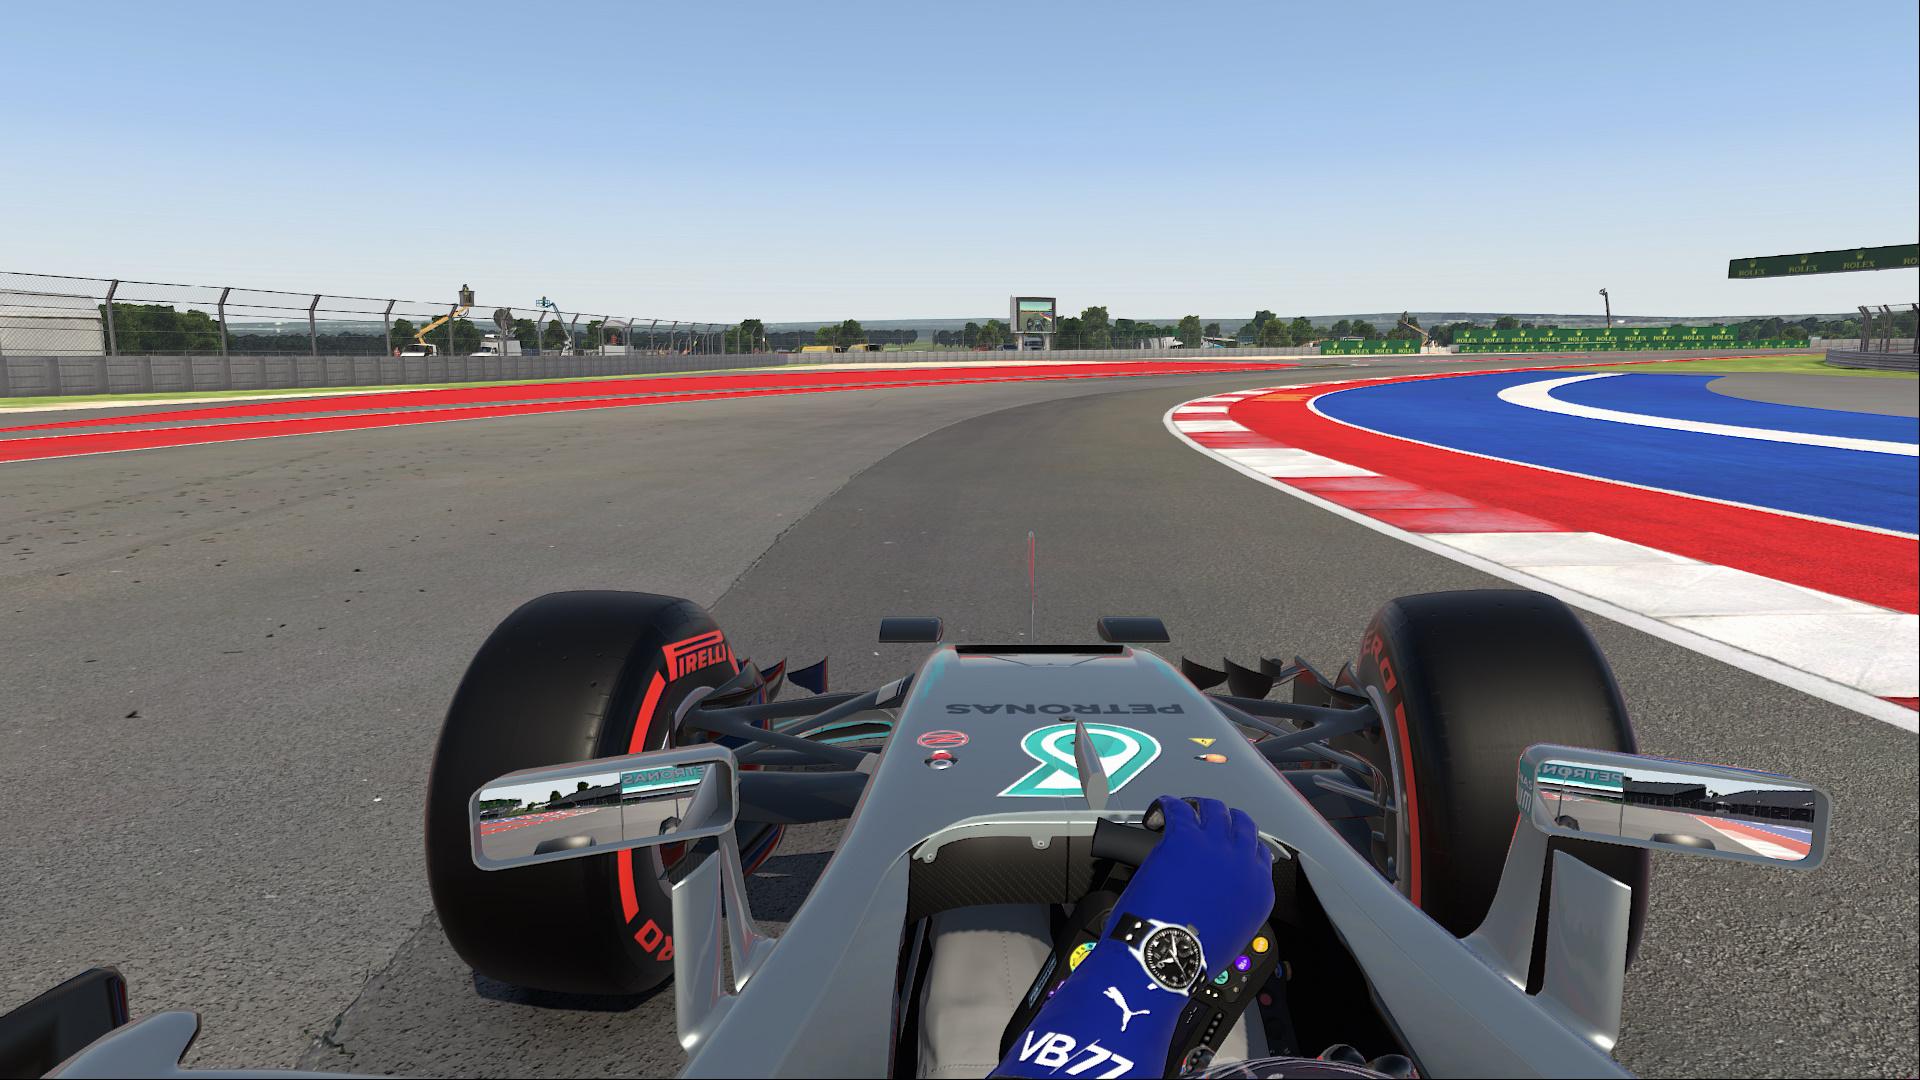 F1_2016 2017-04-17 21-24-13-371.jpg